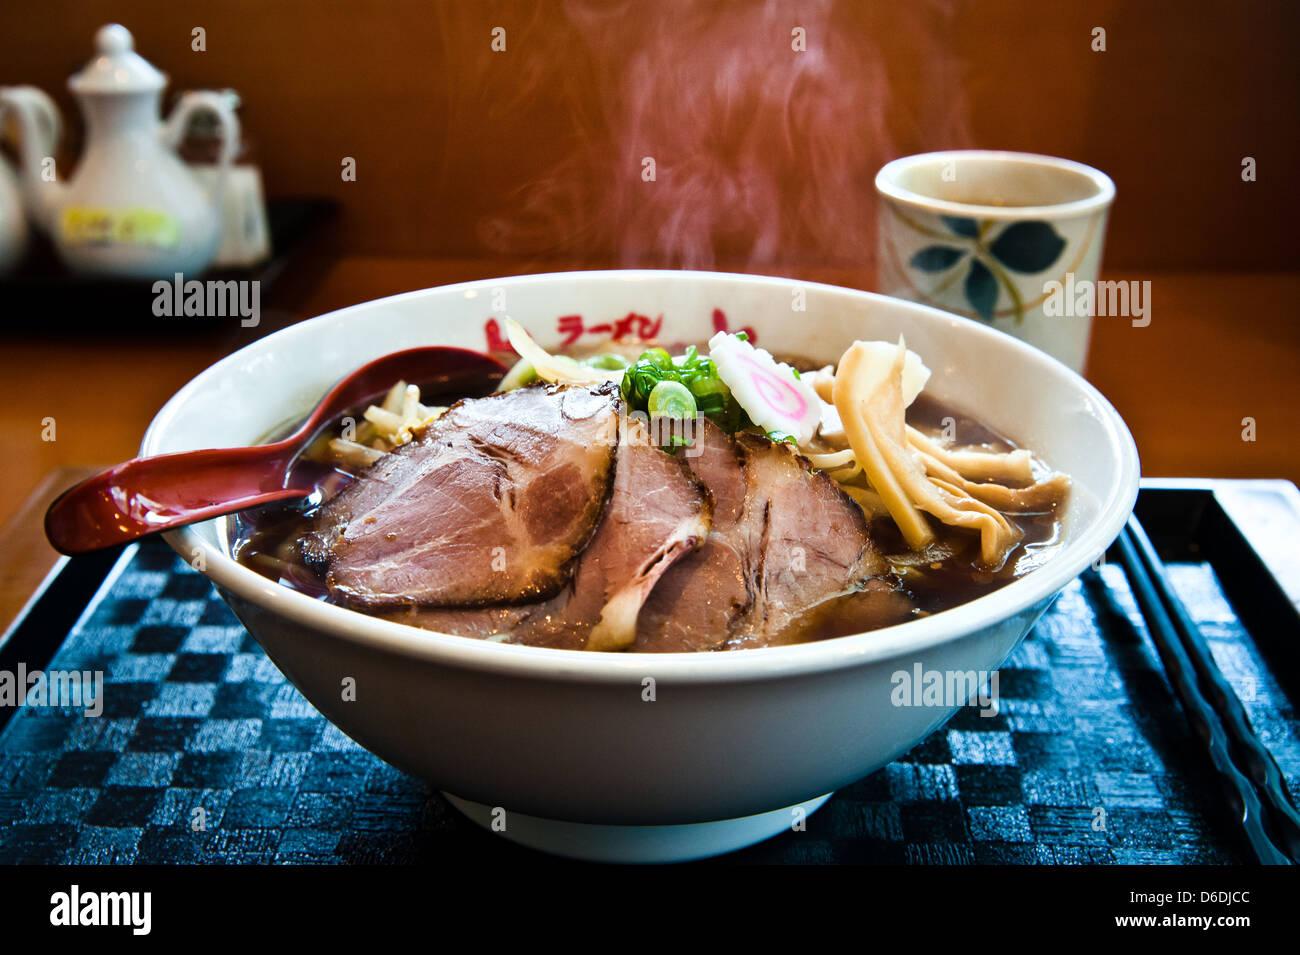 Un bol de miso Ramen (nouilles de style japonais dans le porc/bouillon miso). Veuillez noter que le bain à Photo Stock